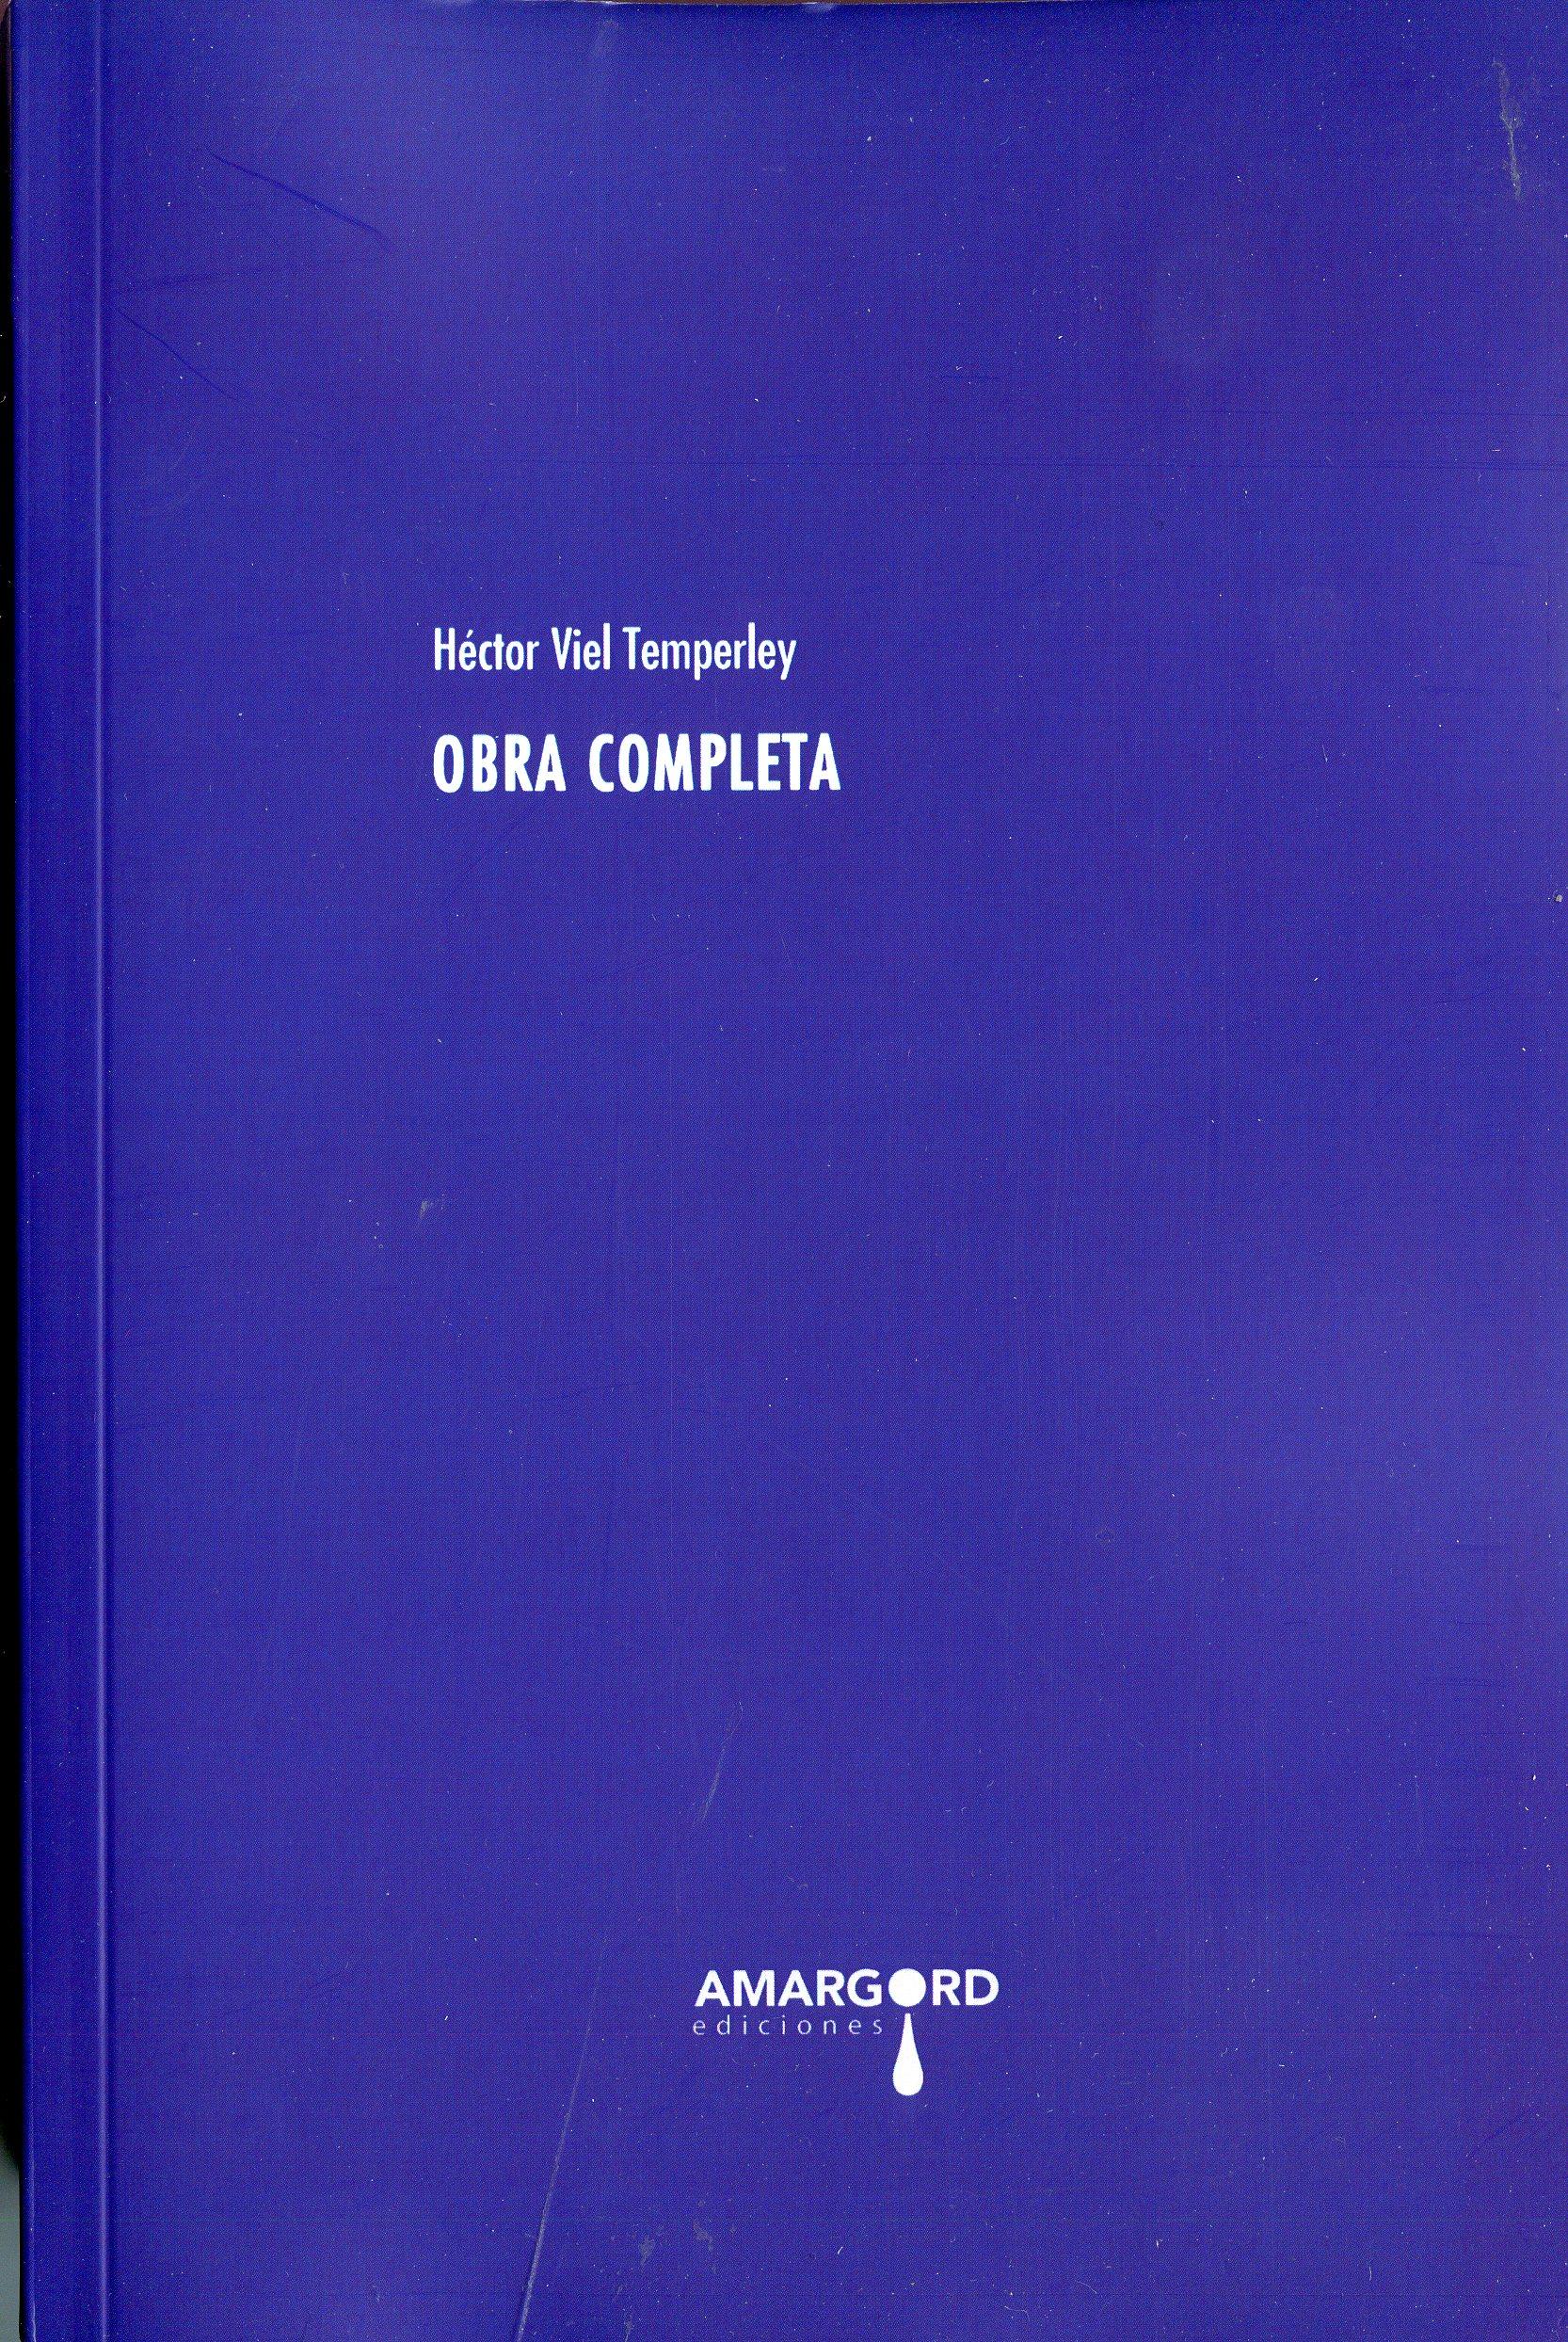 Poesía mística del siglo XX: Héctor Viel Temperley